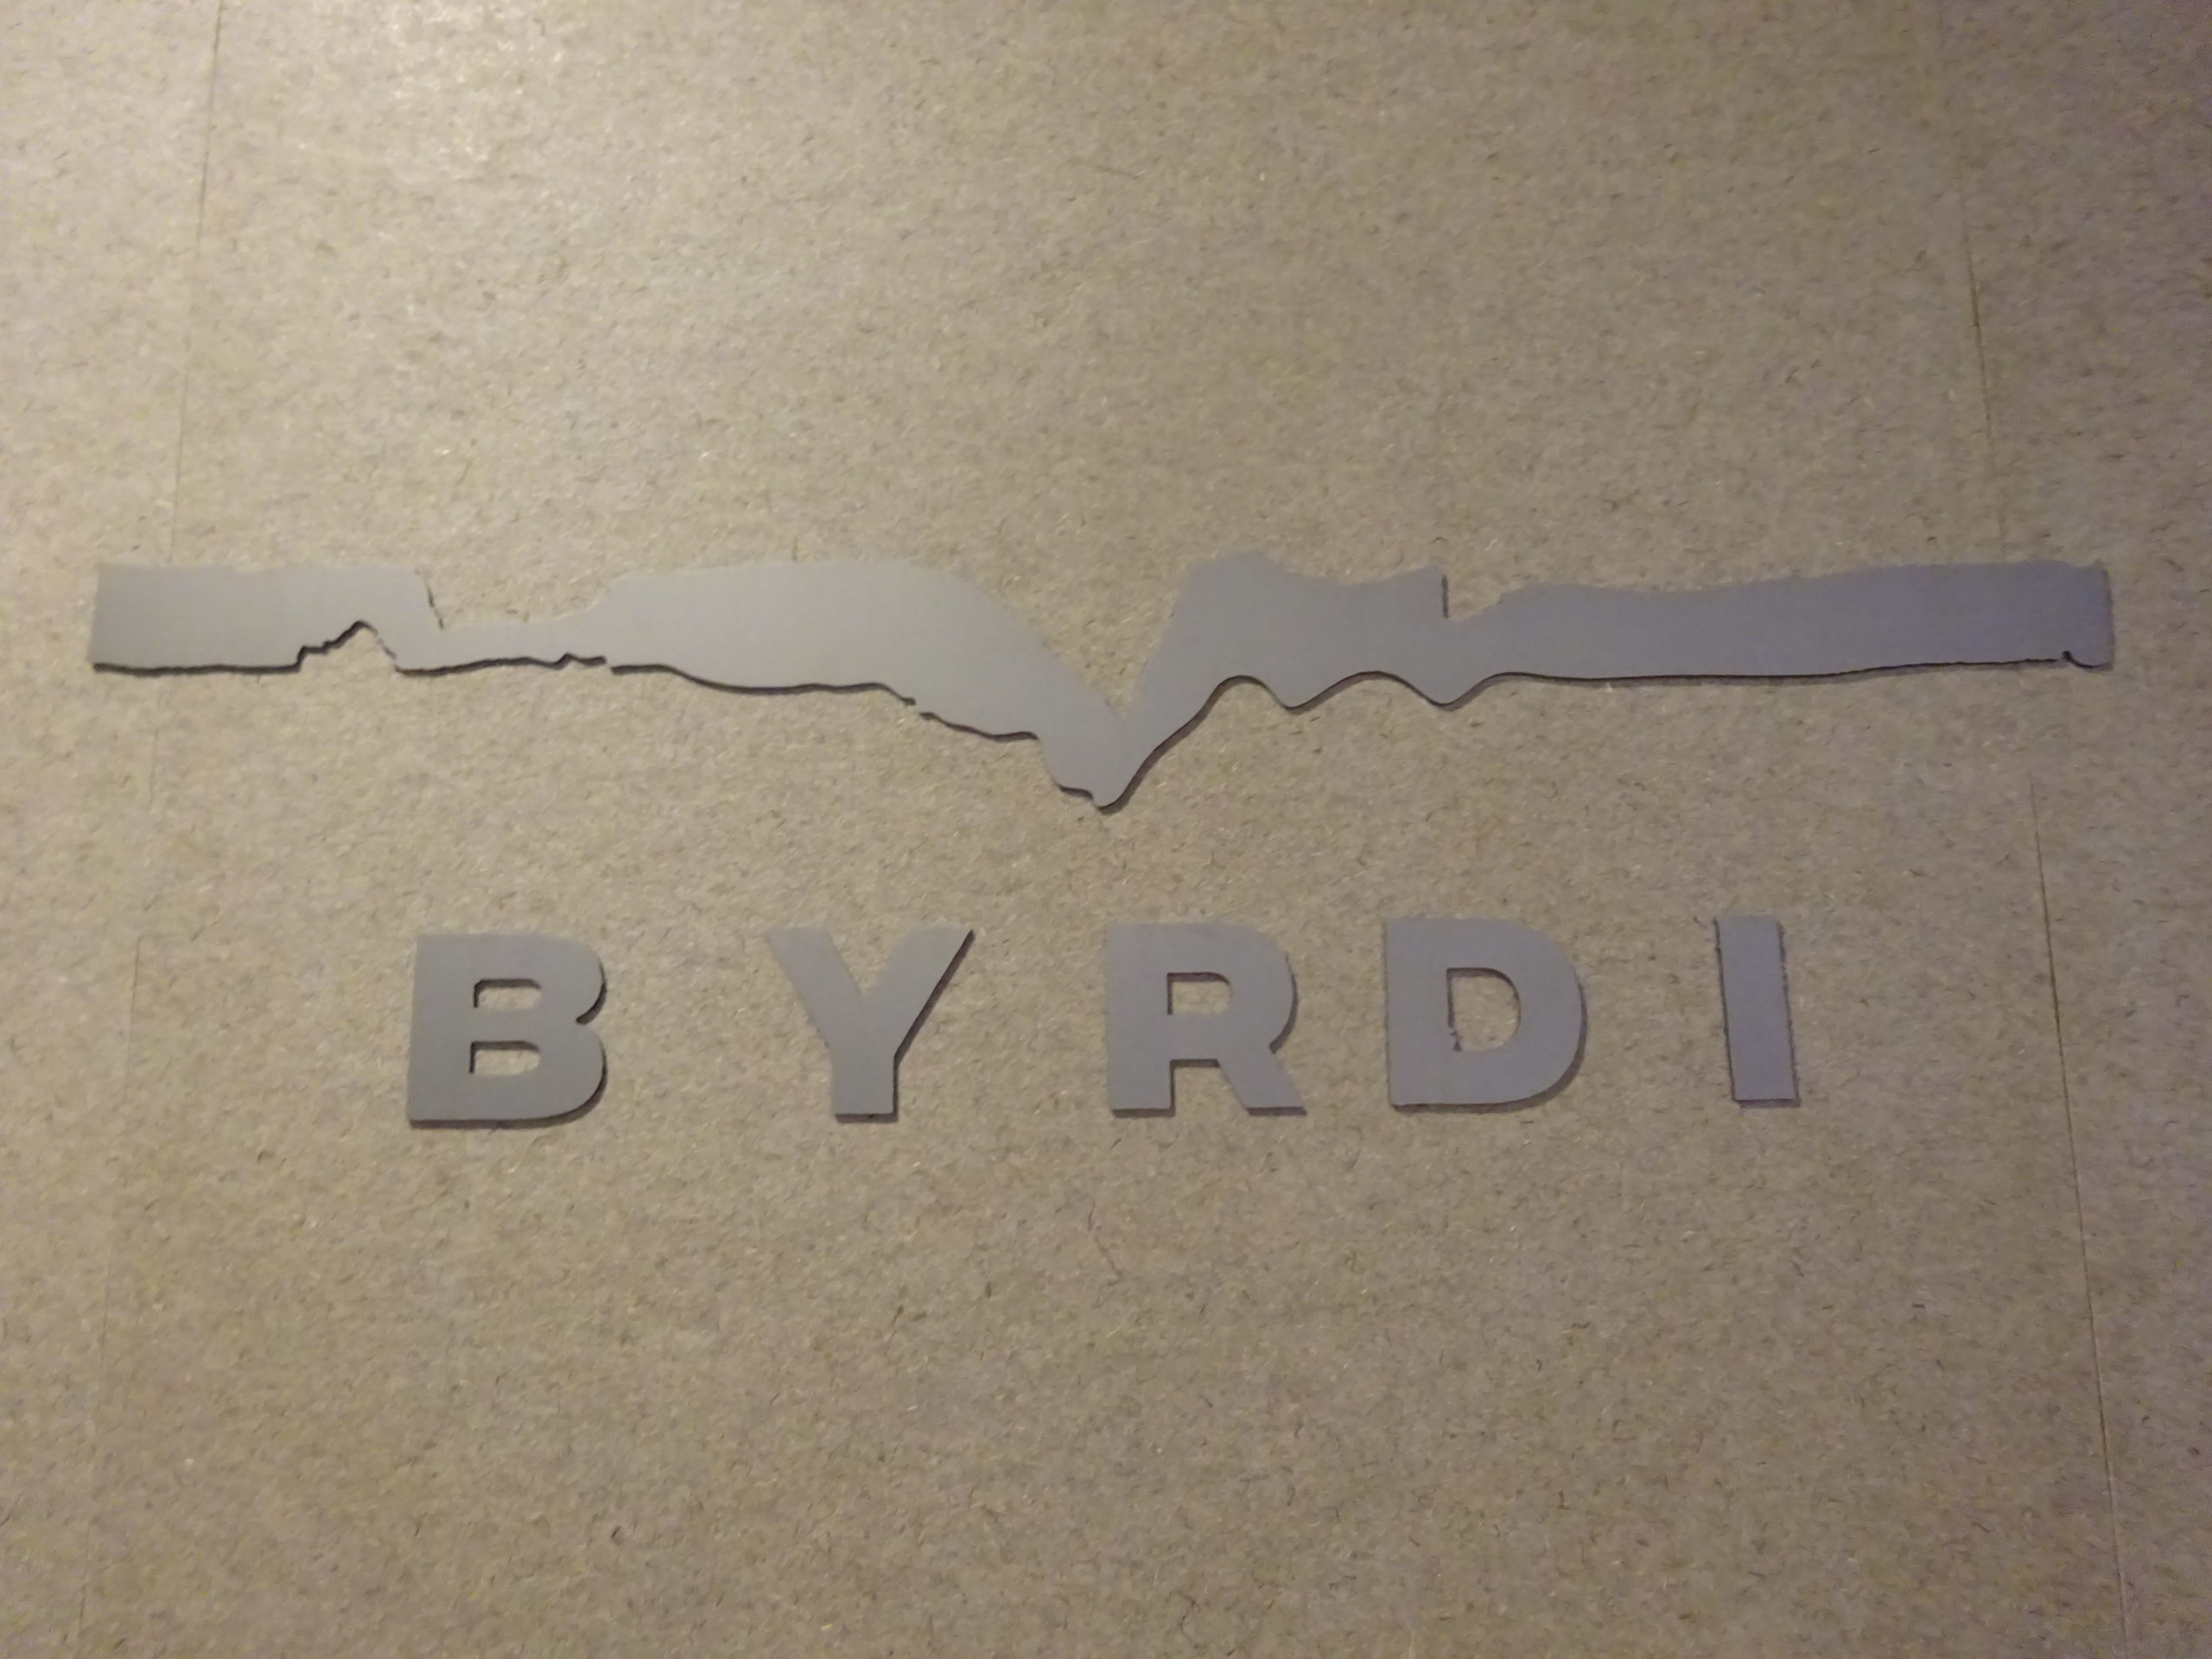 メルボルン【BYRDI】